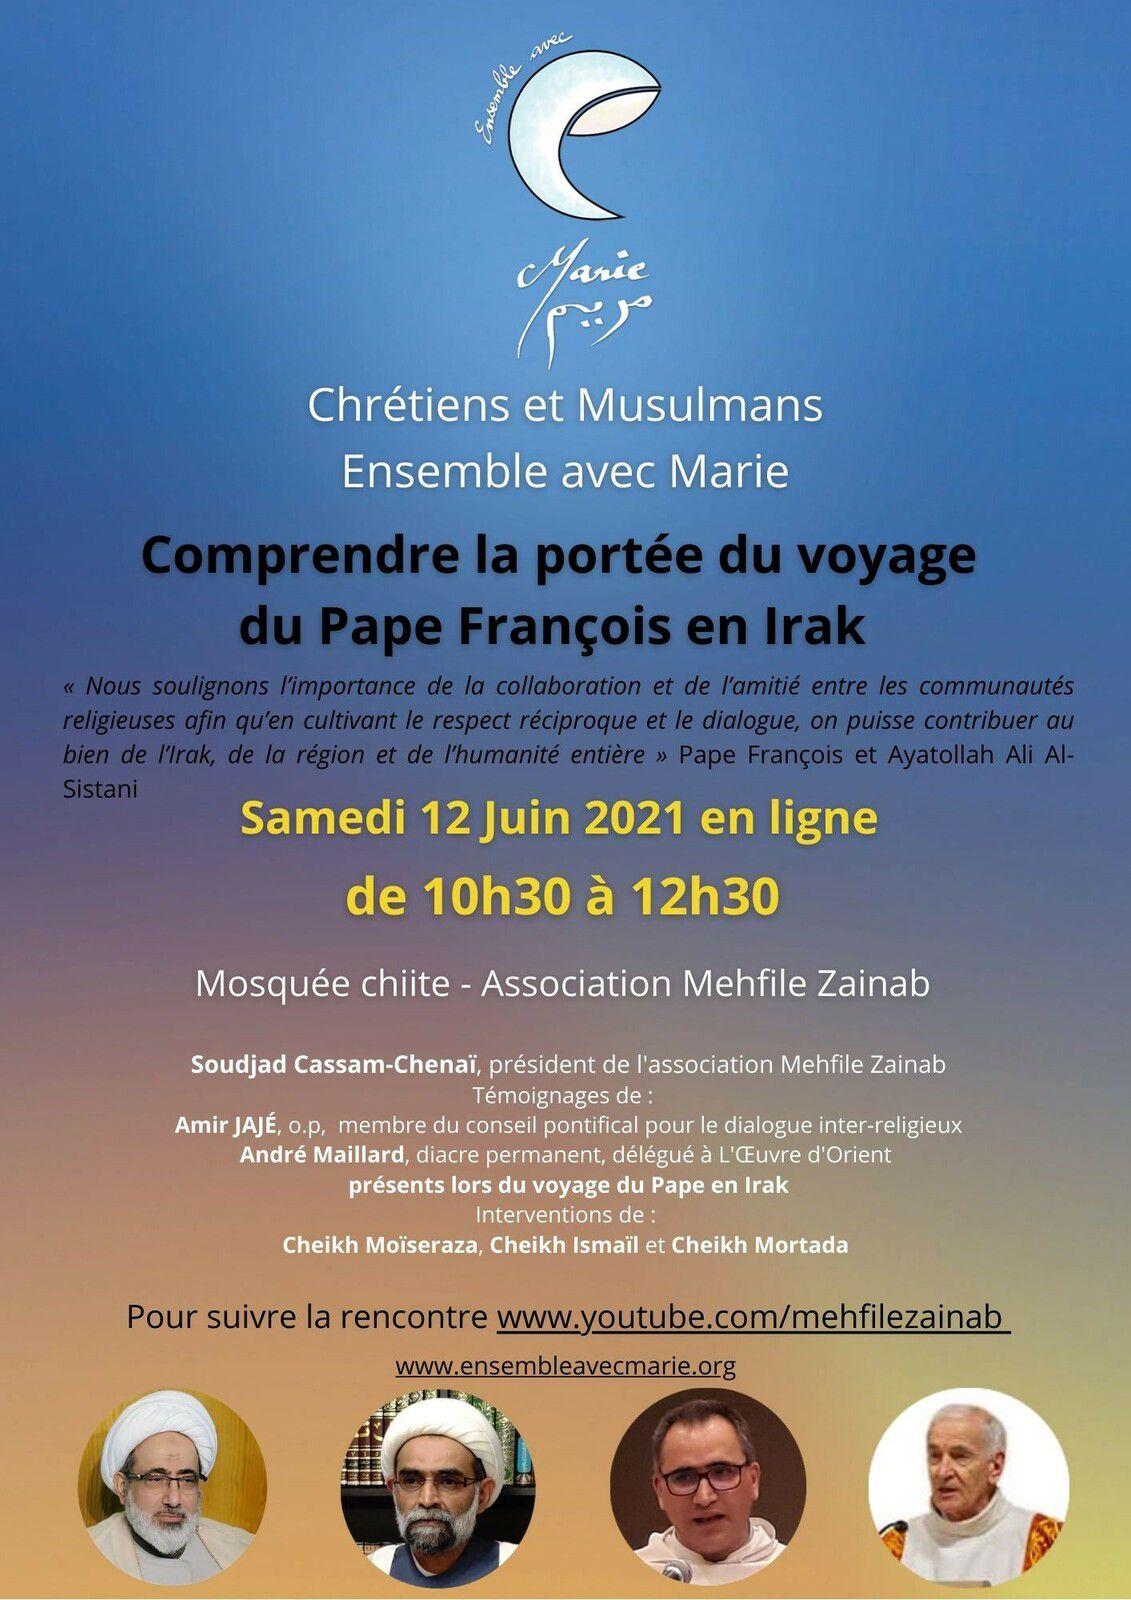 Comprendre la portée du voyage du Pape François en Irak. Visioconférence sur YouTube samedi 12 juin 2021